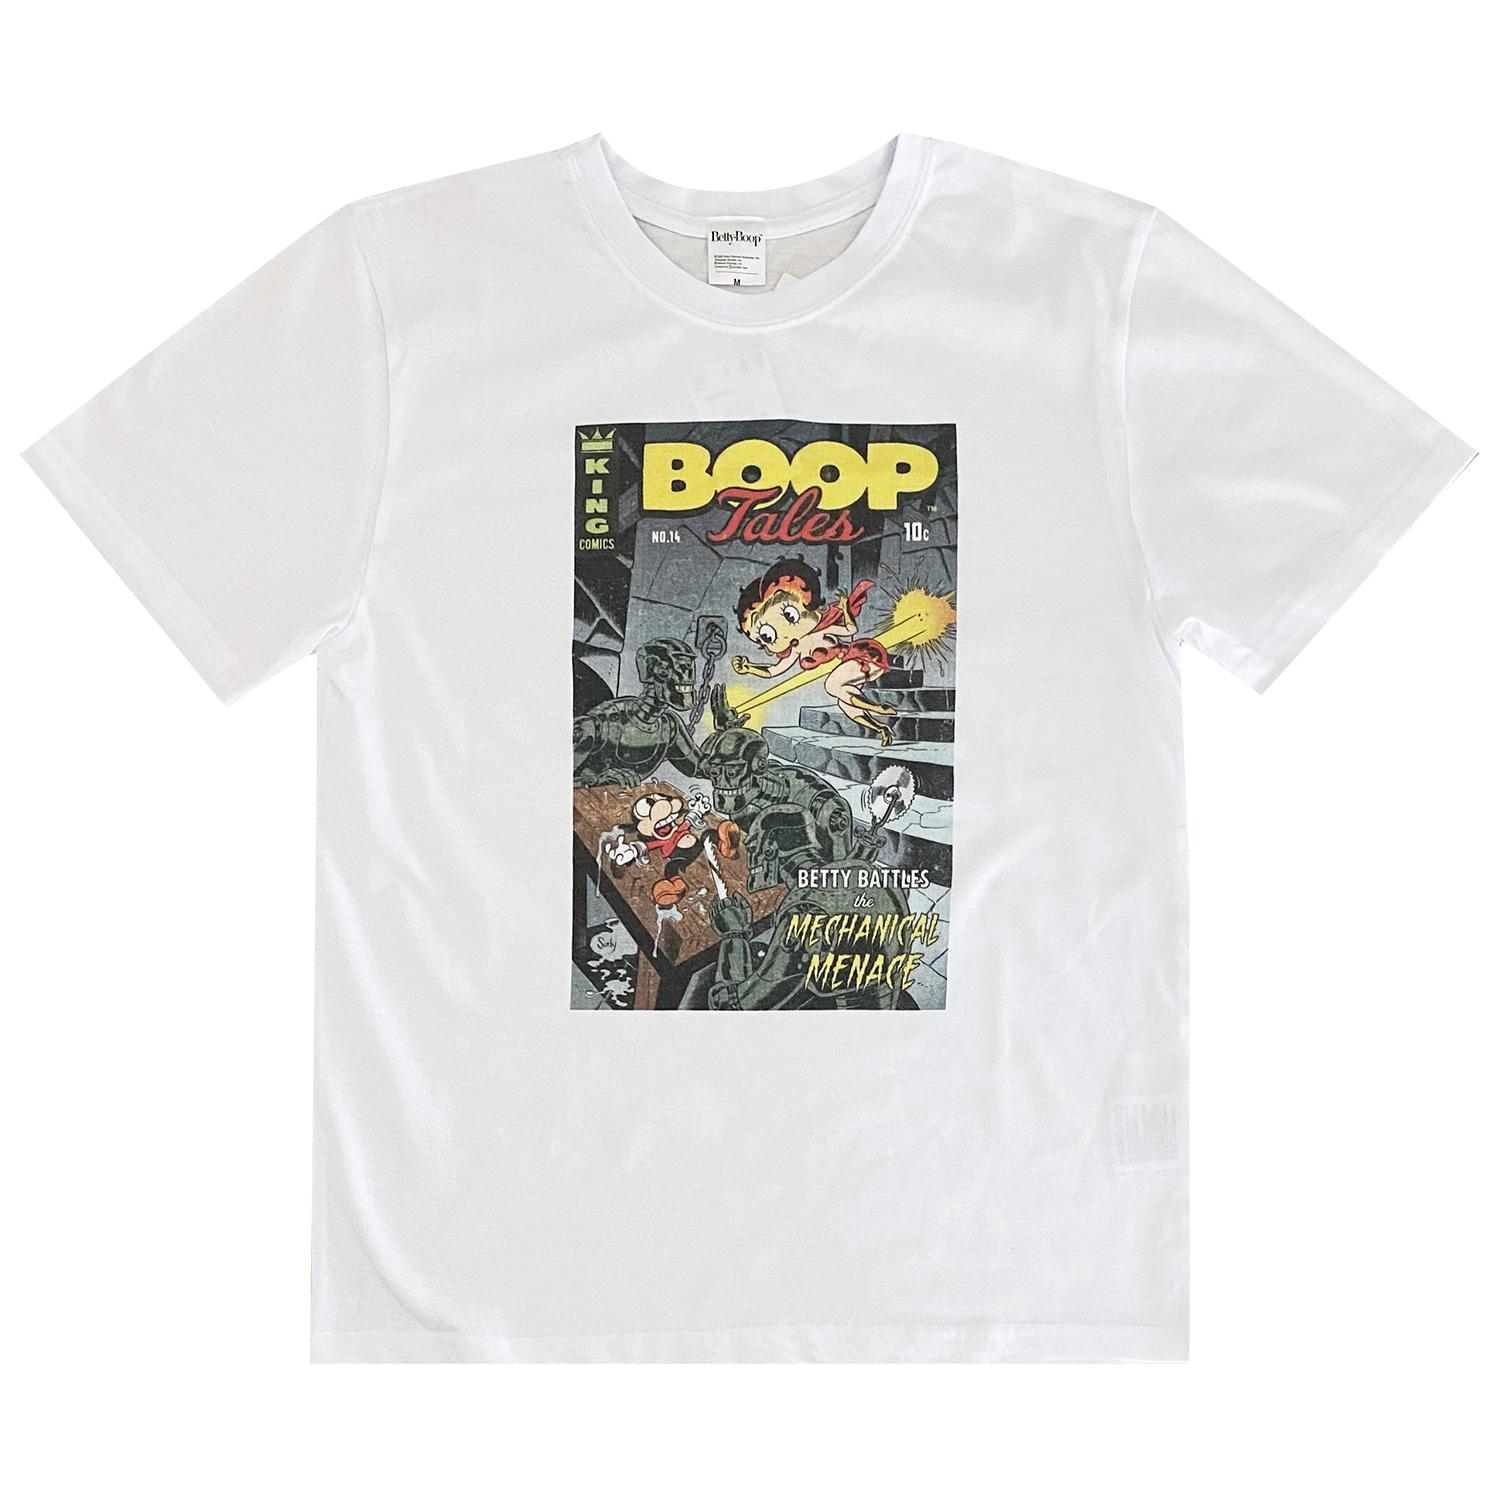 ベティー ブープ™ Tシャツ コミック(M)